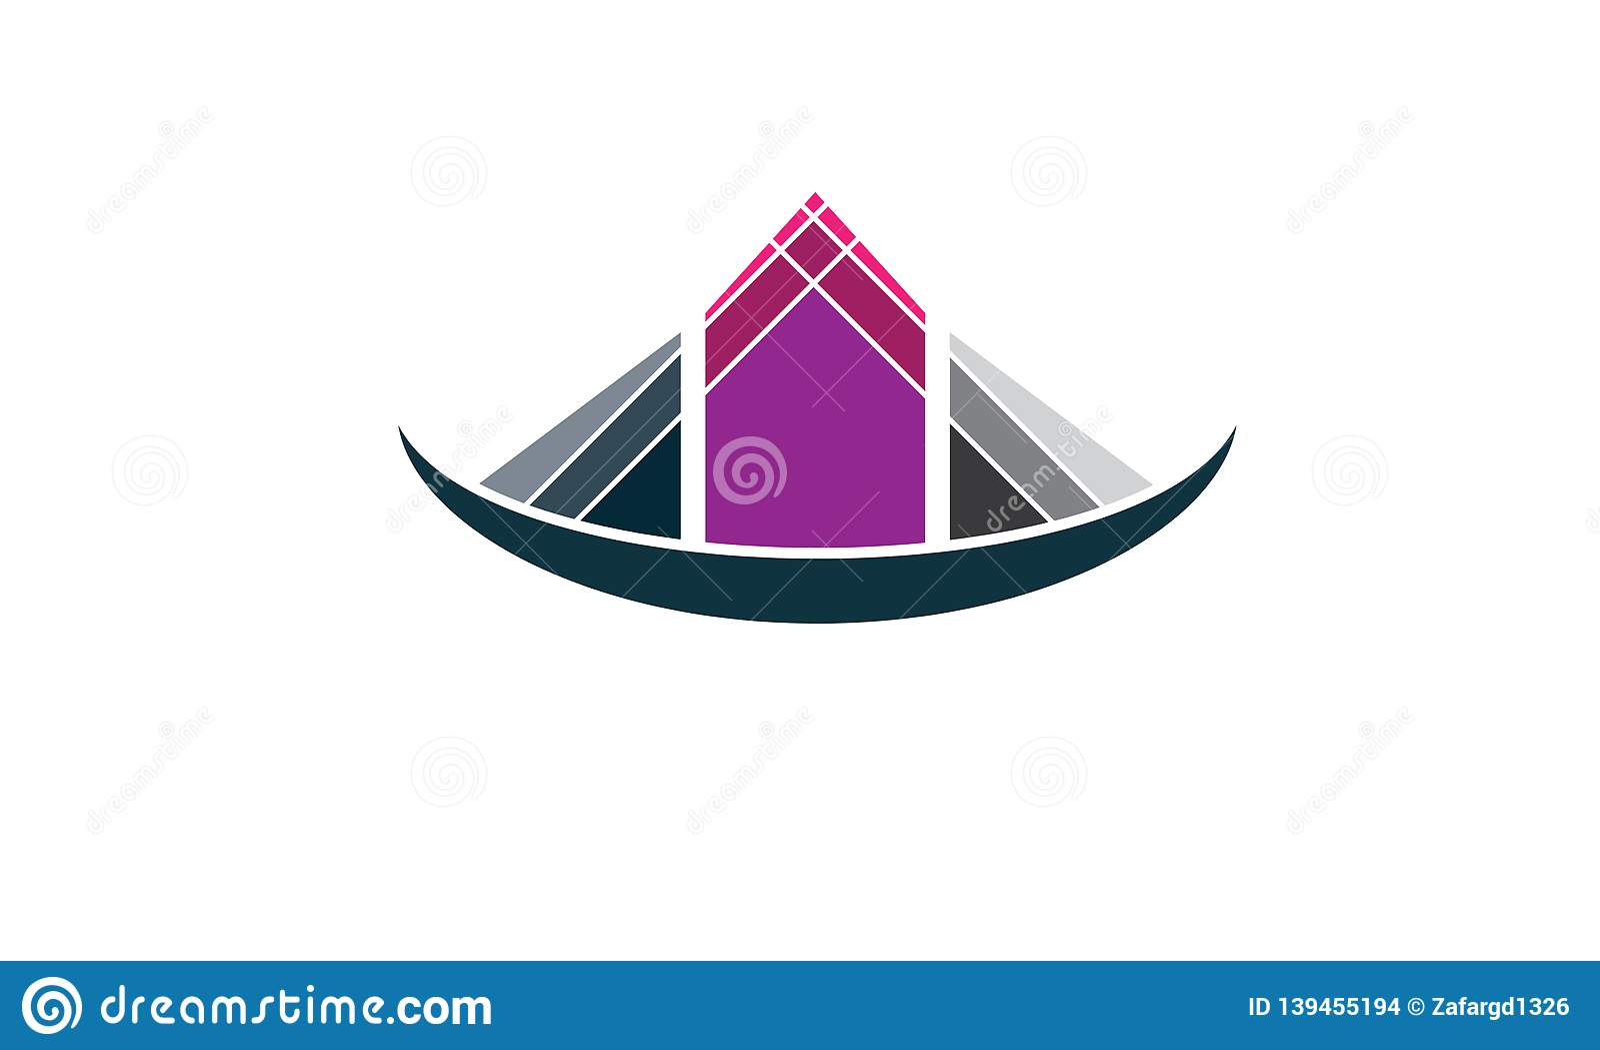 Creative Real Estate House Logo Template Design - Estate Company Logo Icon - Construction Company House Logo Design